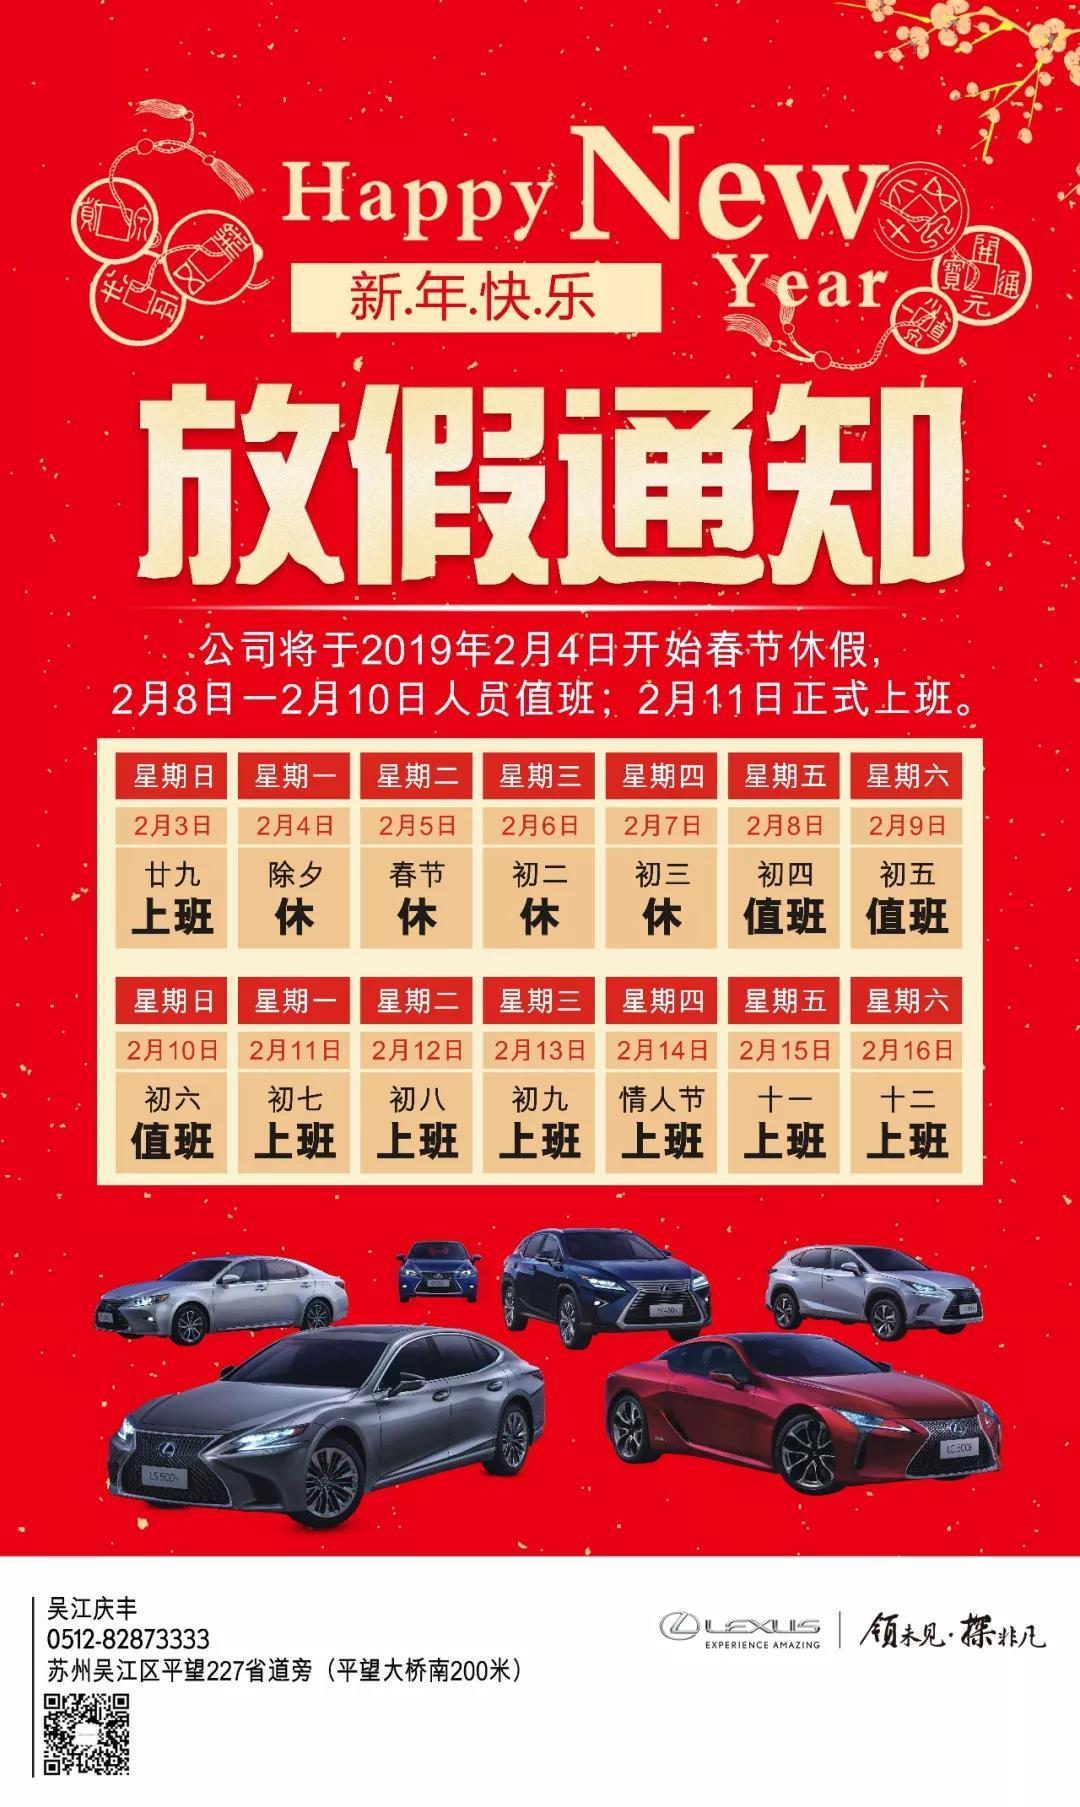 吴江庆丰丨2019年春节放假通知